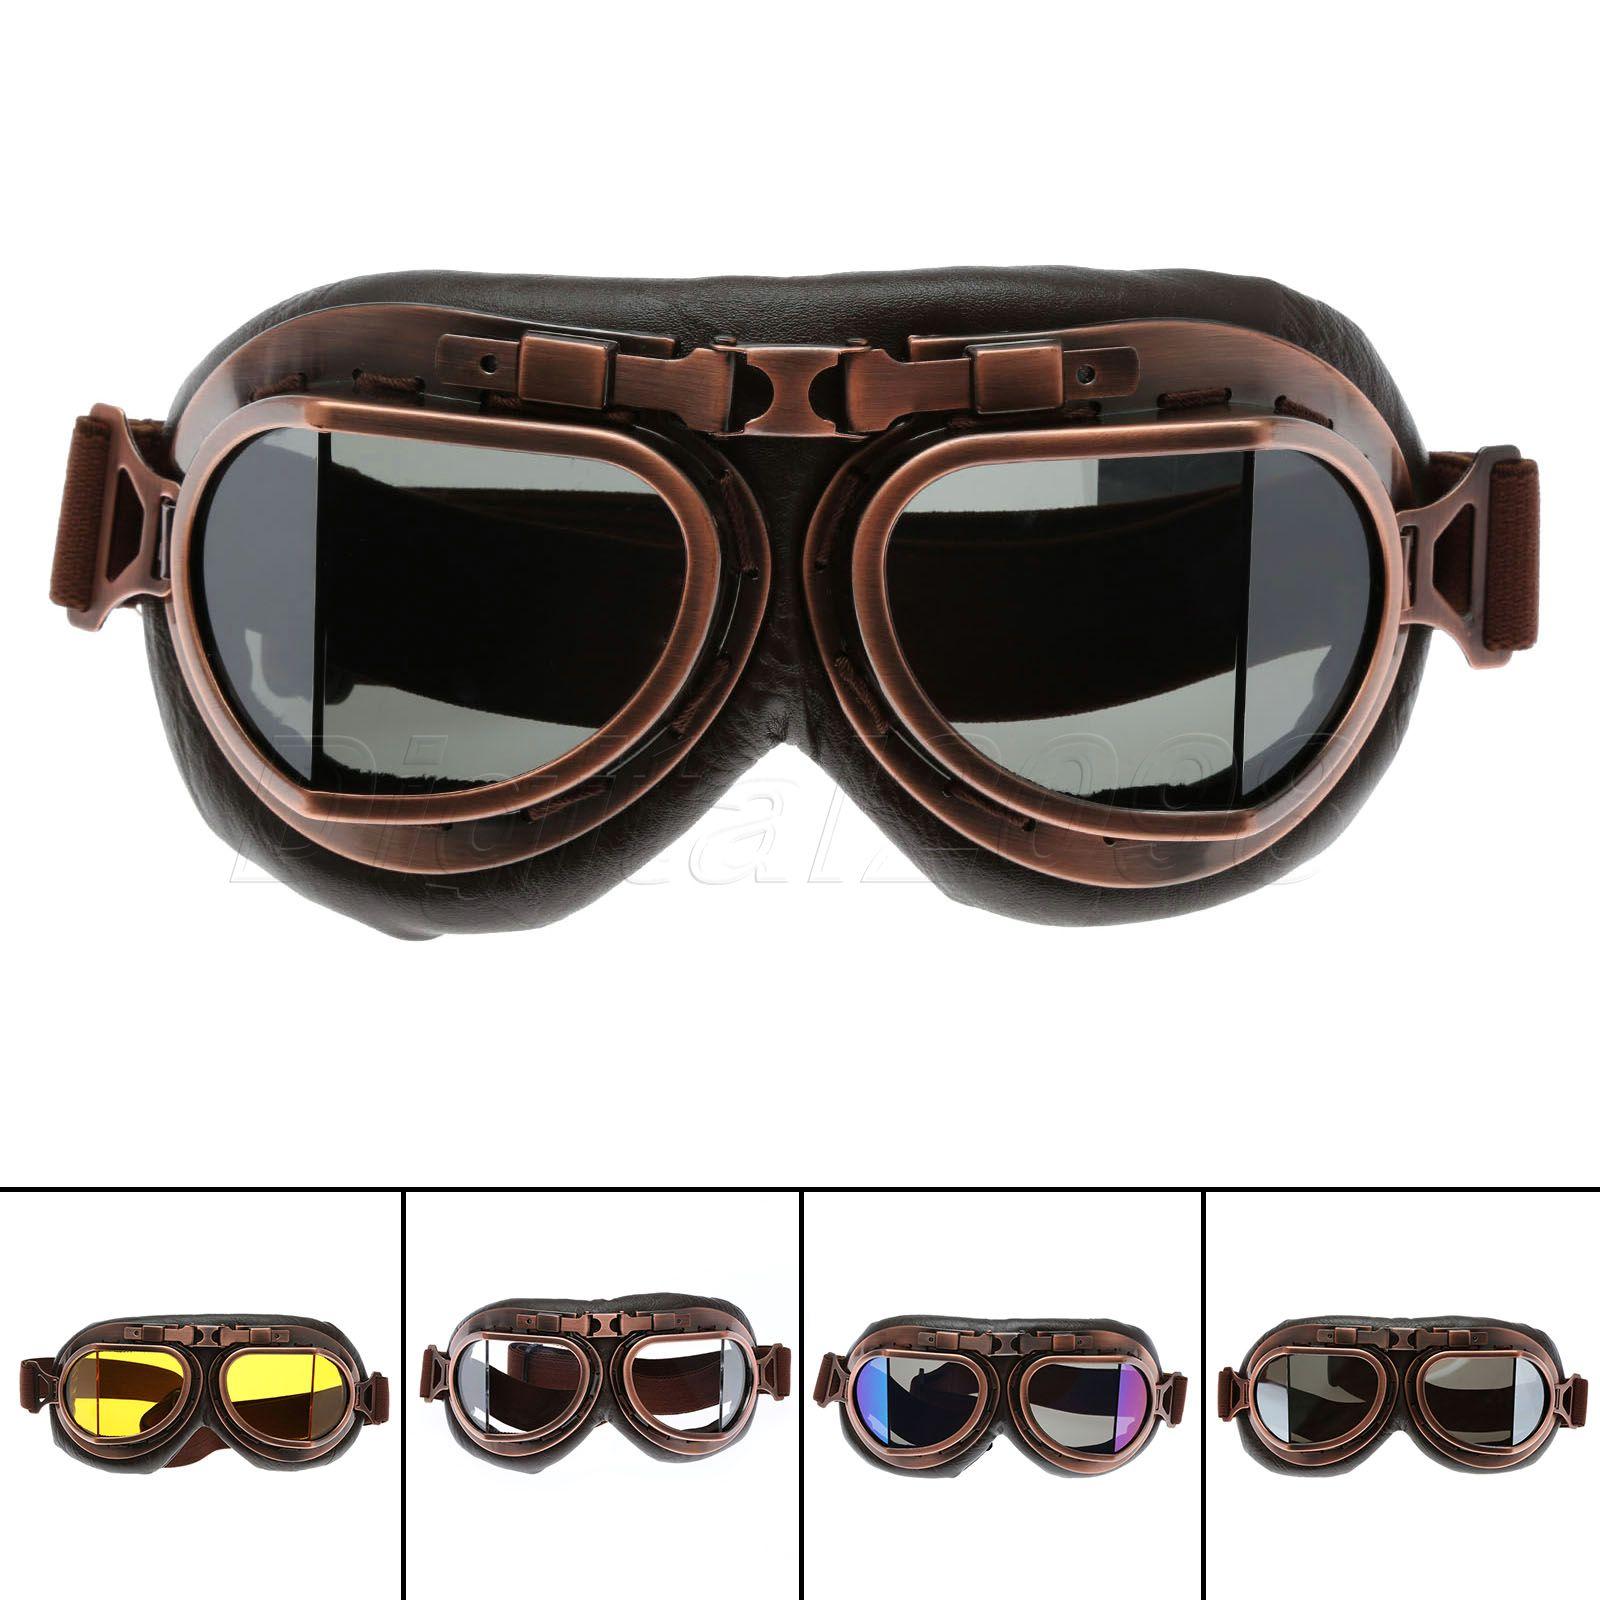 Óculos de Proteção Da Motocicleta Harley Yetaha SEGUNDA GUERRA MUNDIAL RAF Vintage Piloto Aviador Cruiser Óculos de Motocross ATV Da Bicicleta Da Sujeira Do Motor Capacete 5 Cores